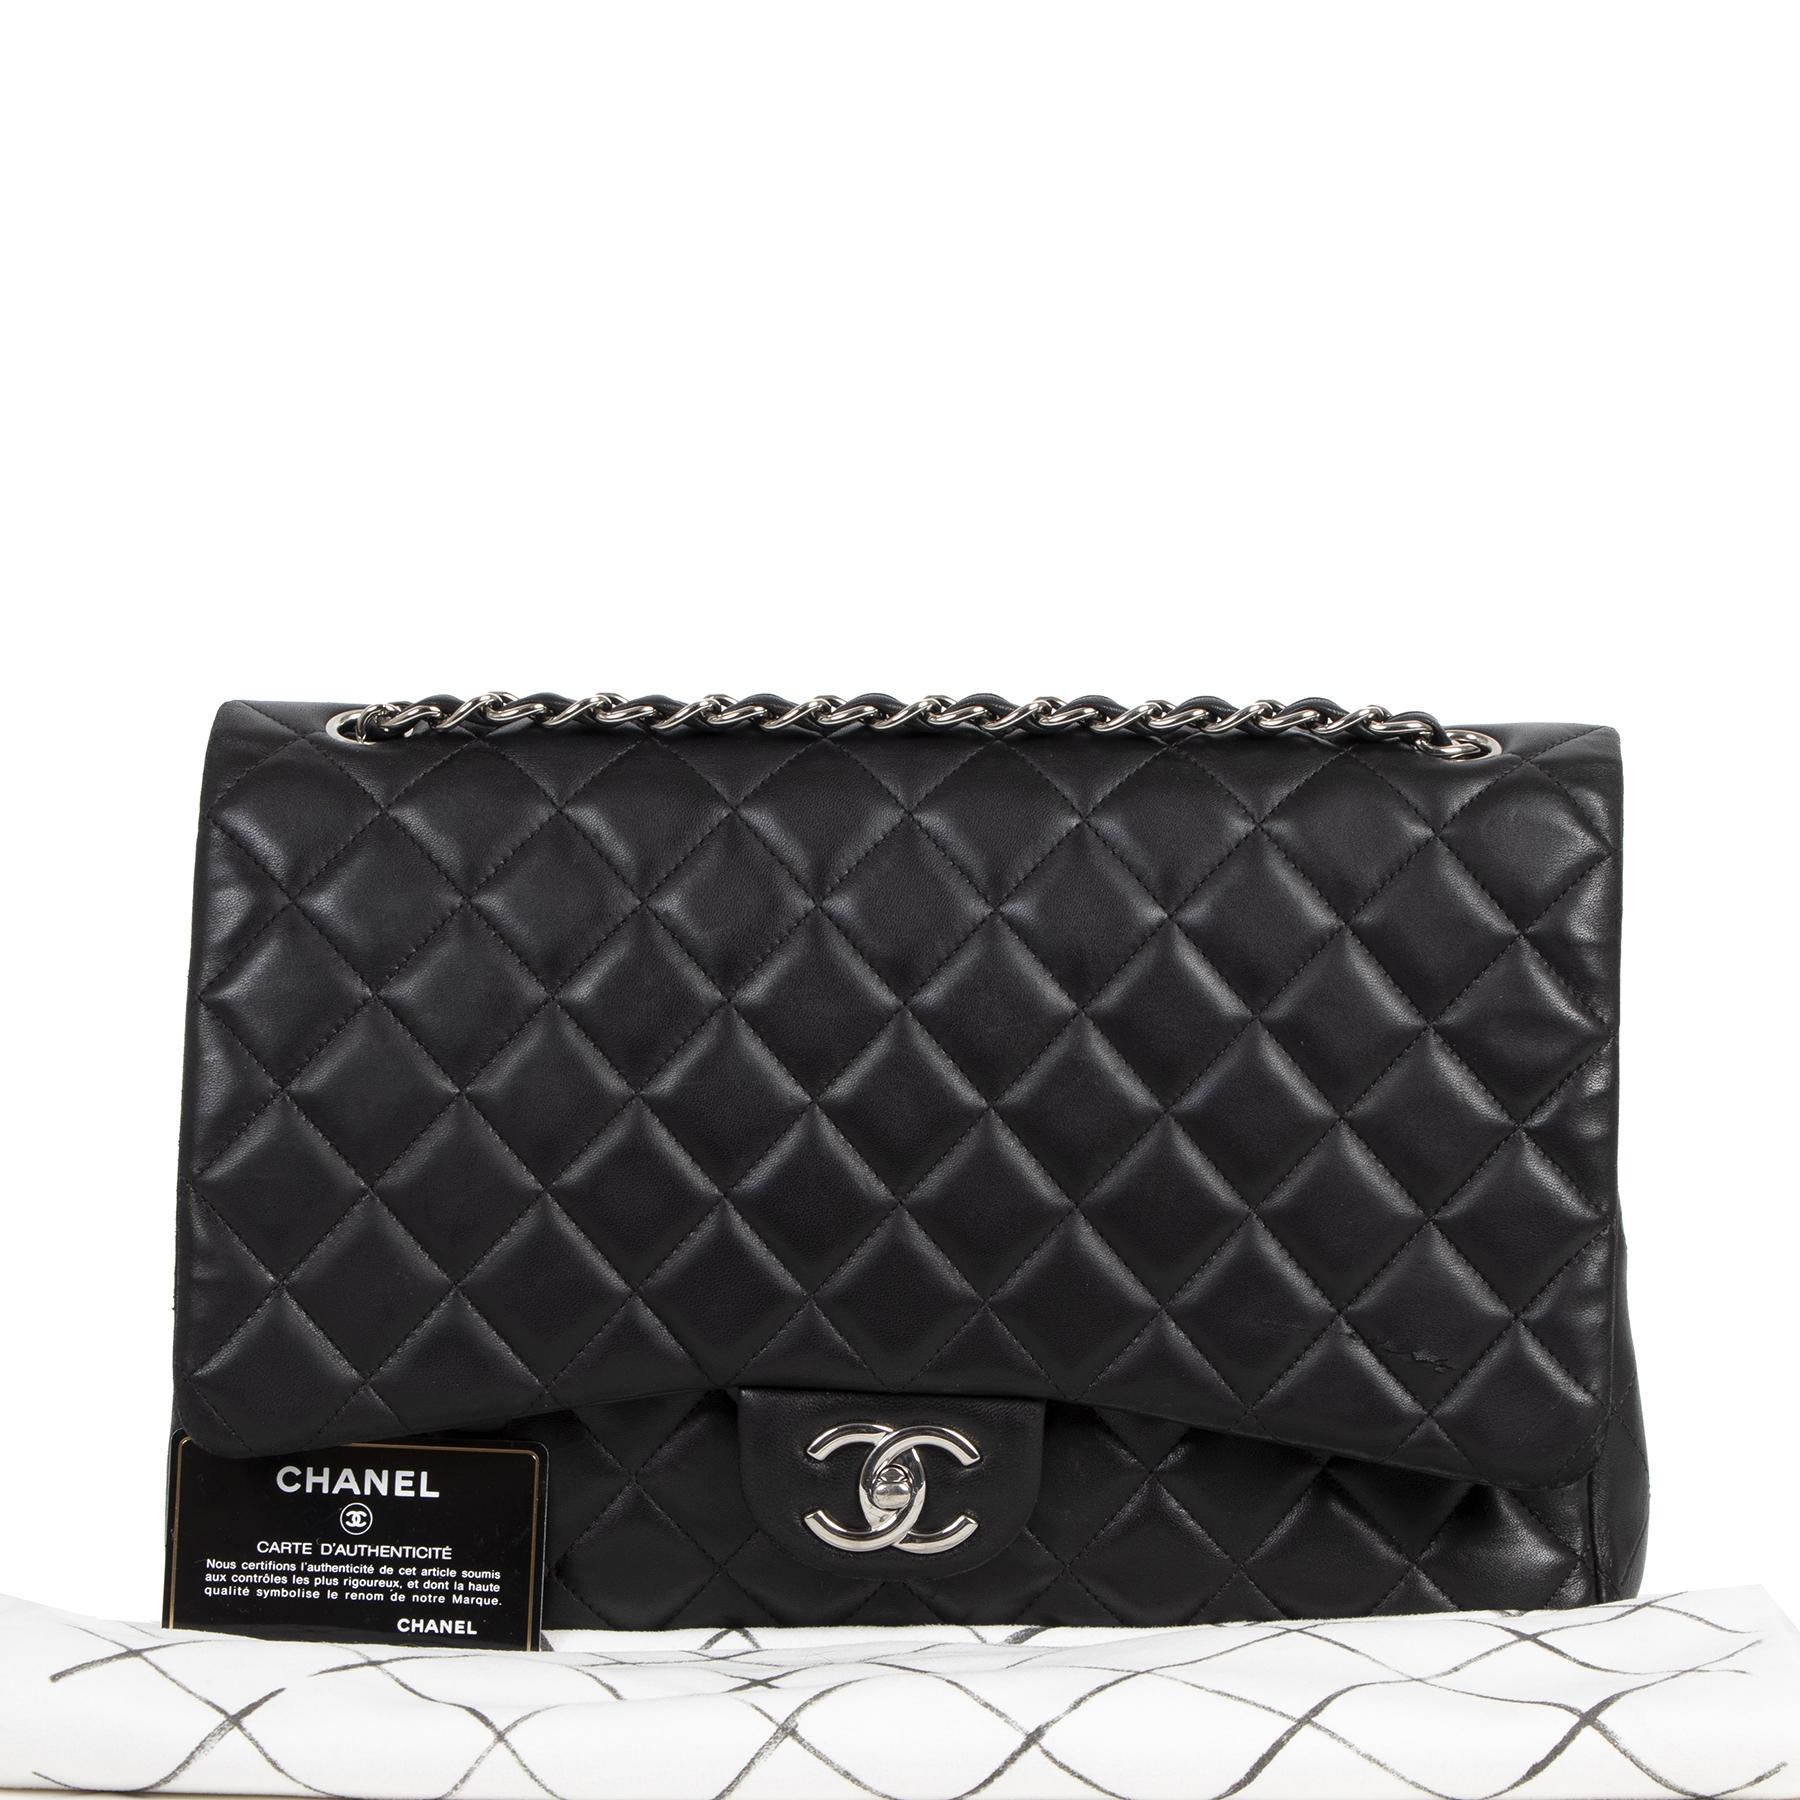 koop jou tweedehands Chanel Maxi Black Lambskin Classic Double Flap Bag (